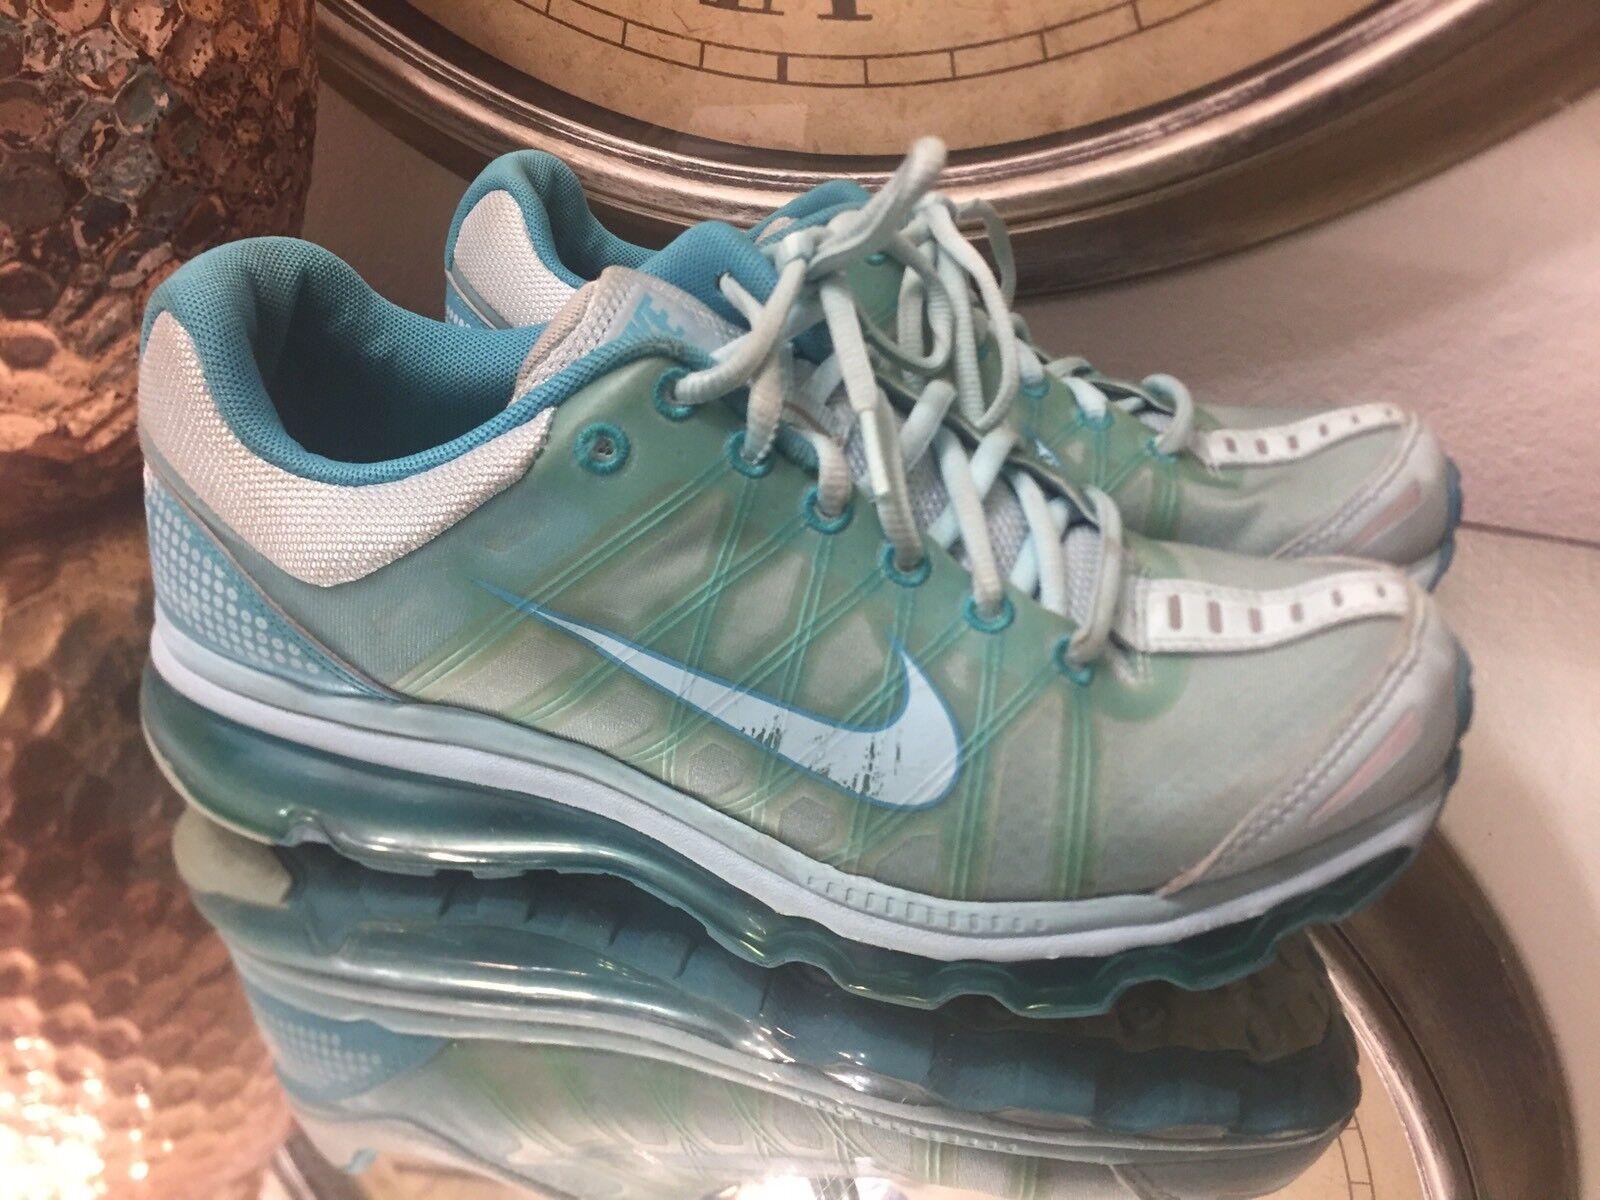 Le scarpe nike air max max max 2009 multiColoreeee donne noi misura 8,5 | Vinci molto apprezzato  | Uomo/Donna Scarpa  4b1400